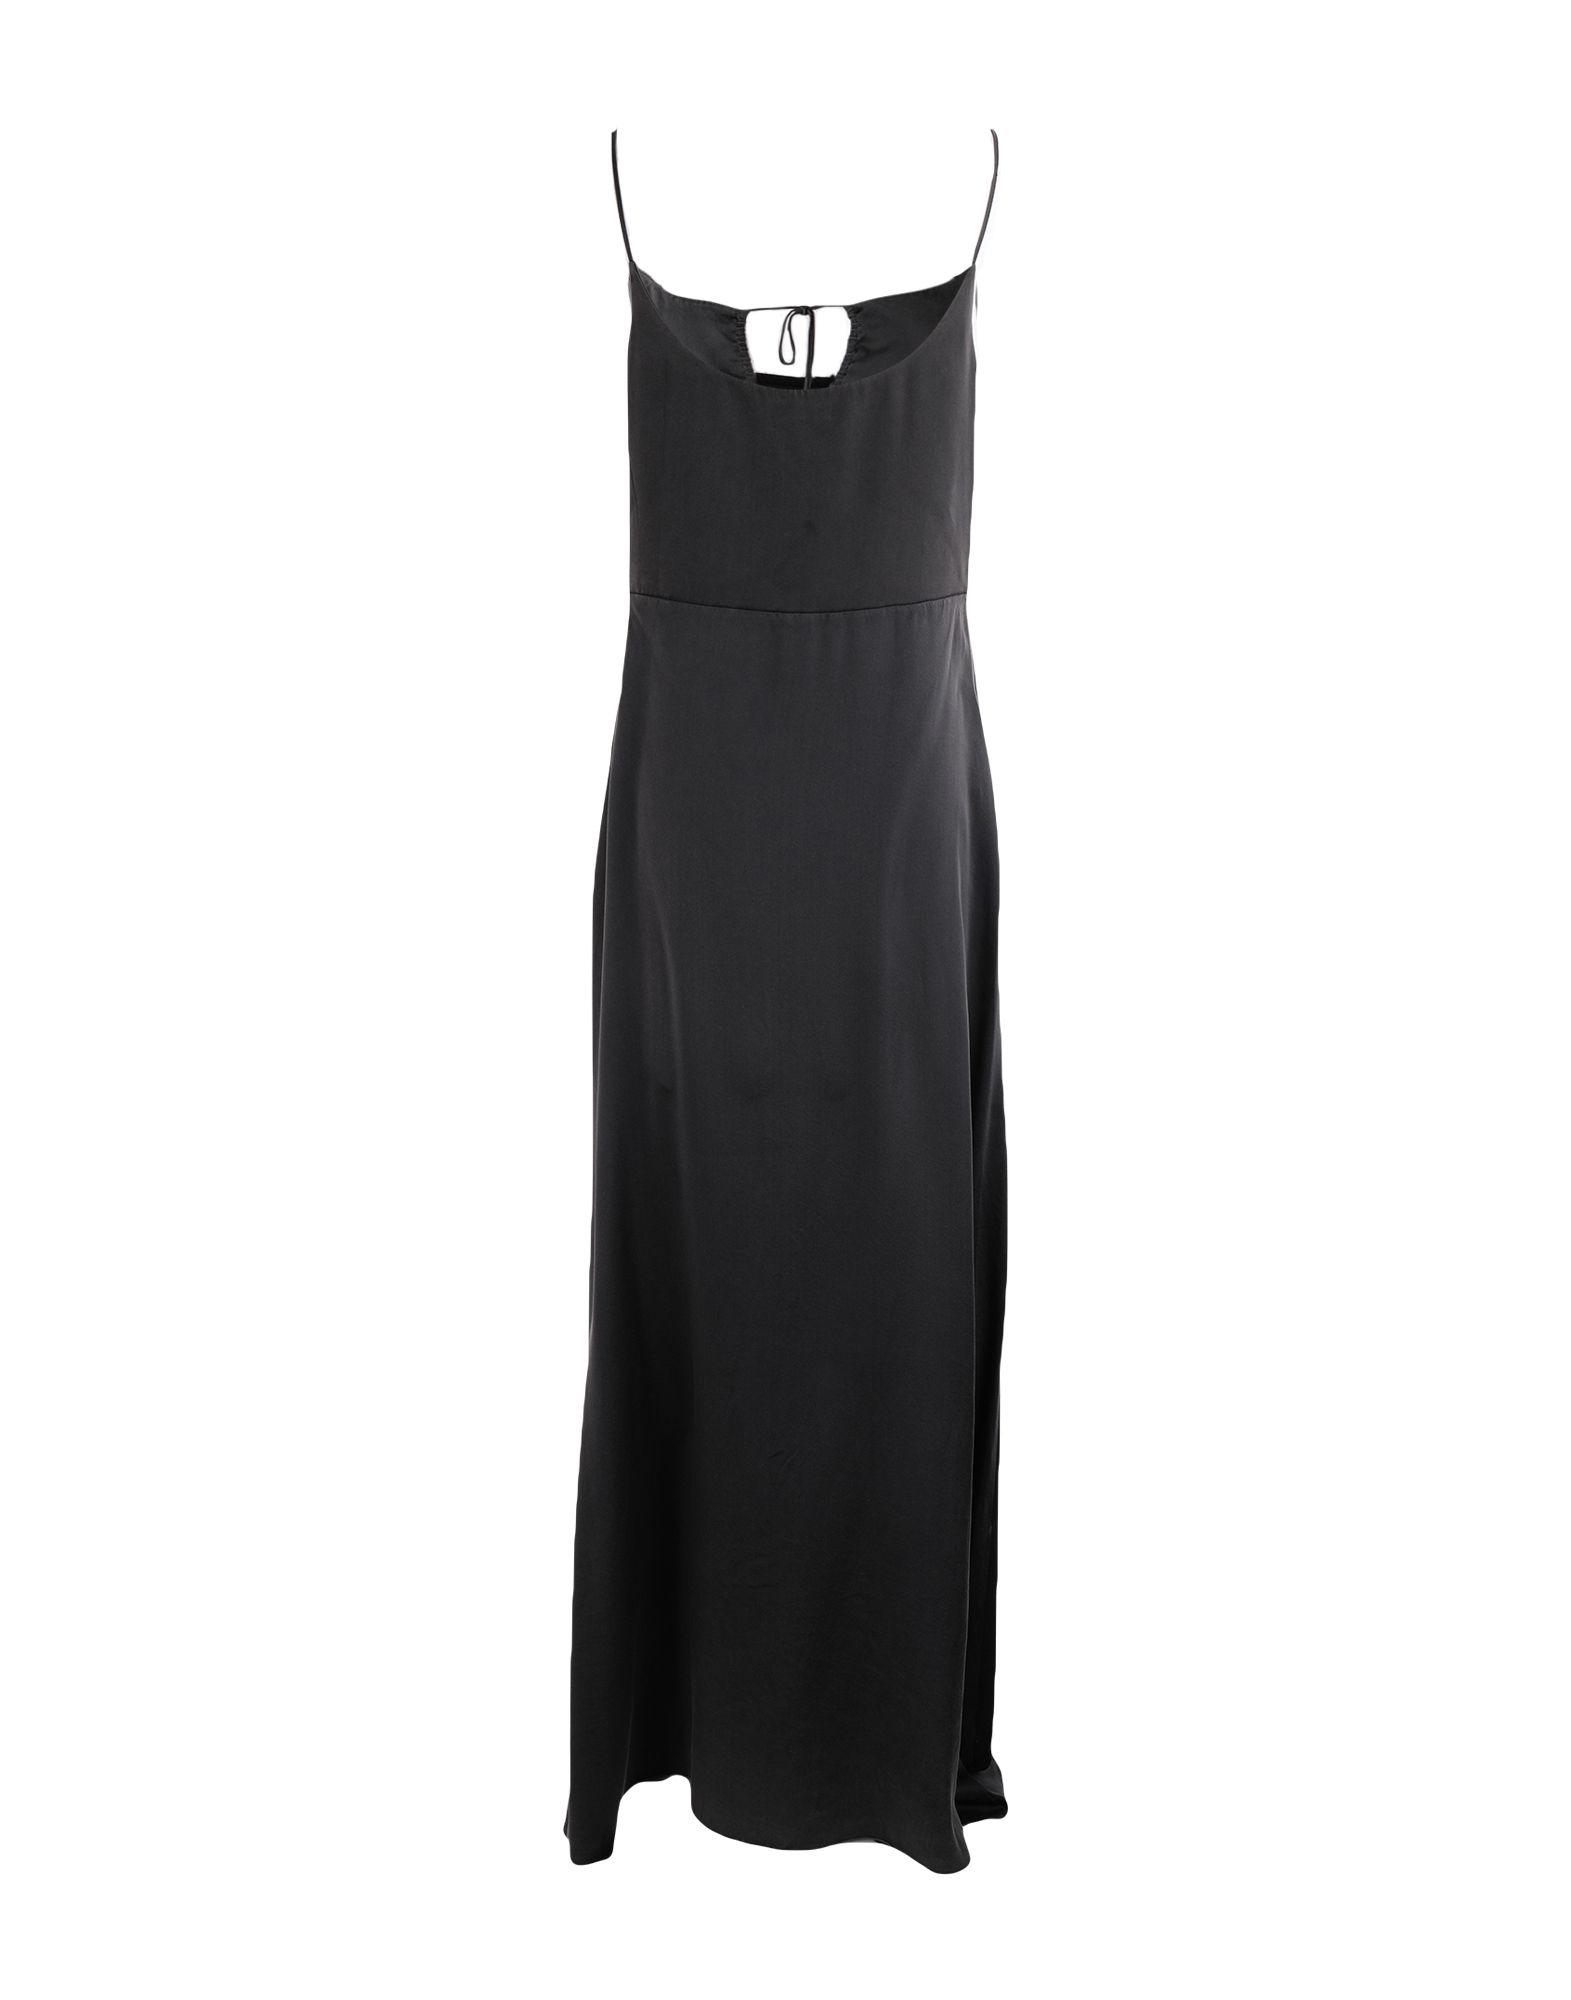 TOTON COMELLA - TCN Длинное платье